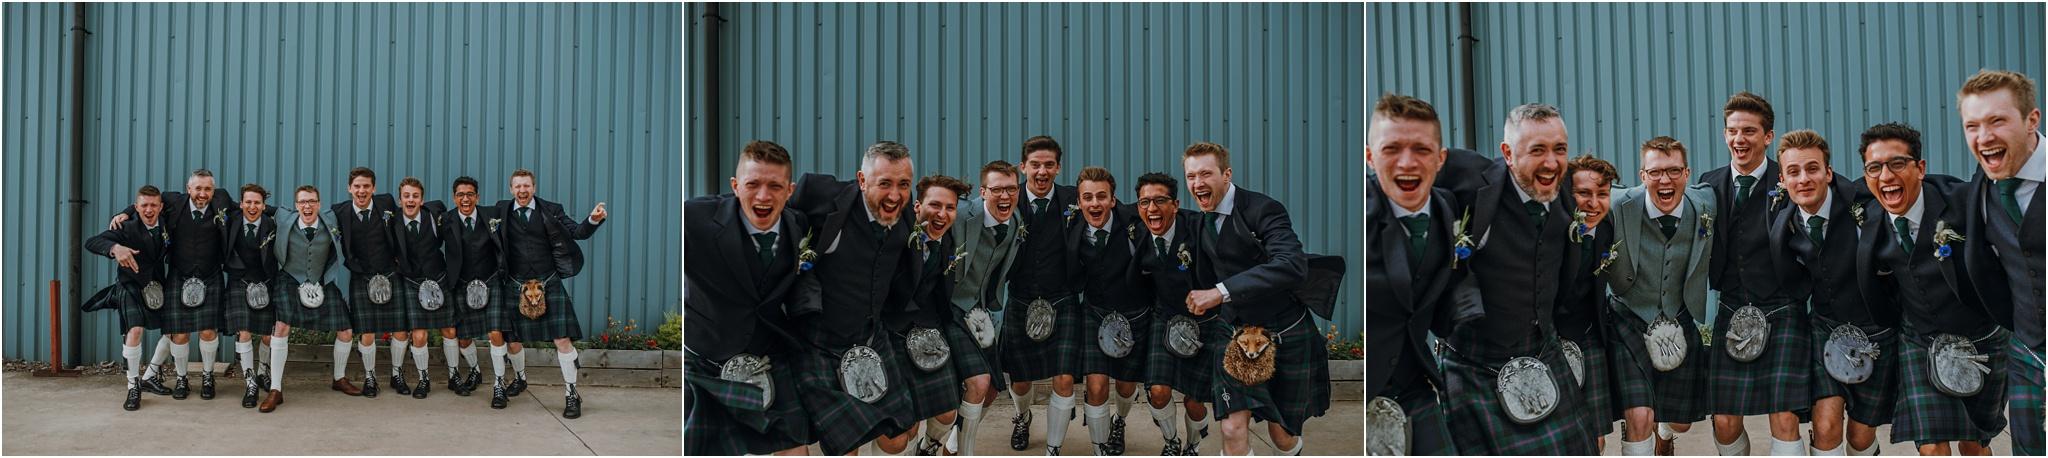 Edinburgh-barn-wedding-photographer_95.jpg